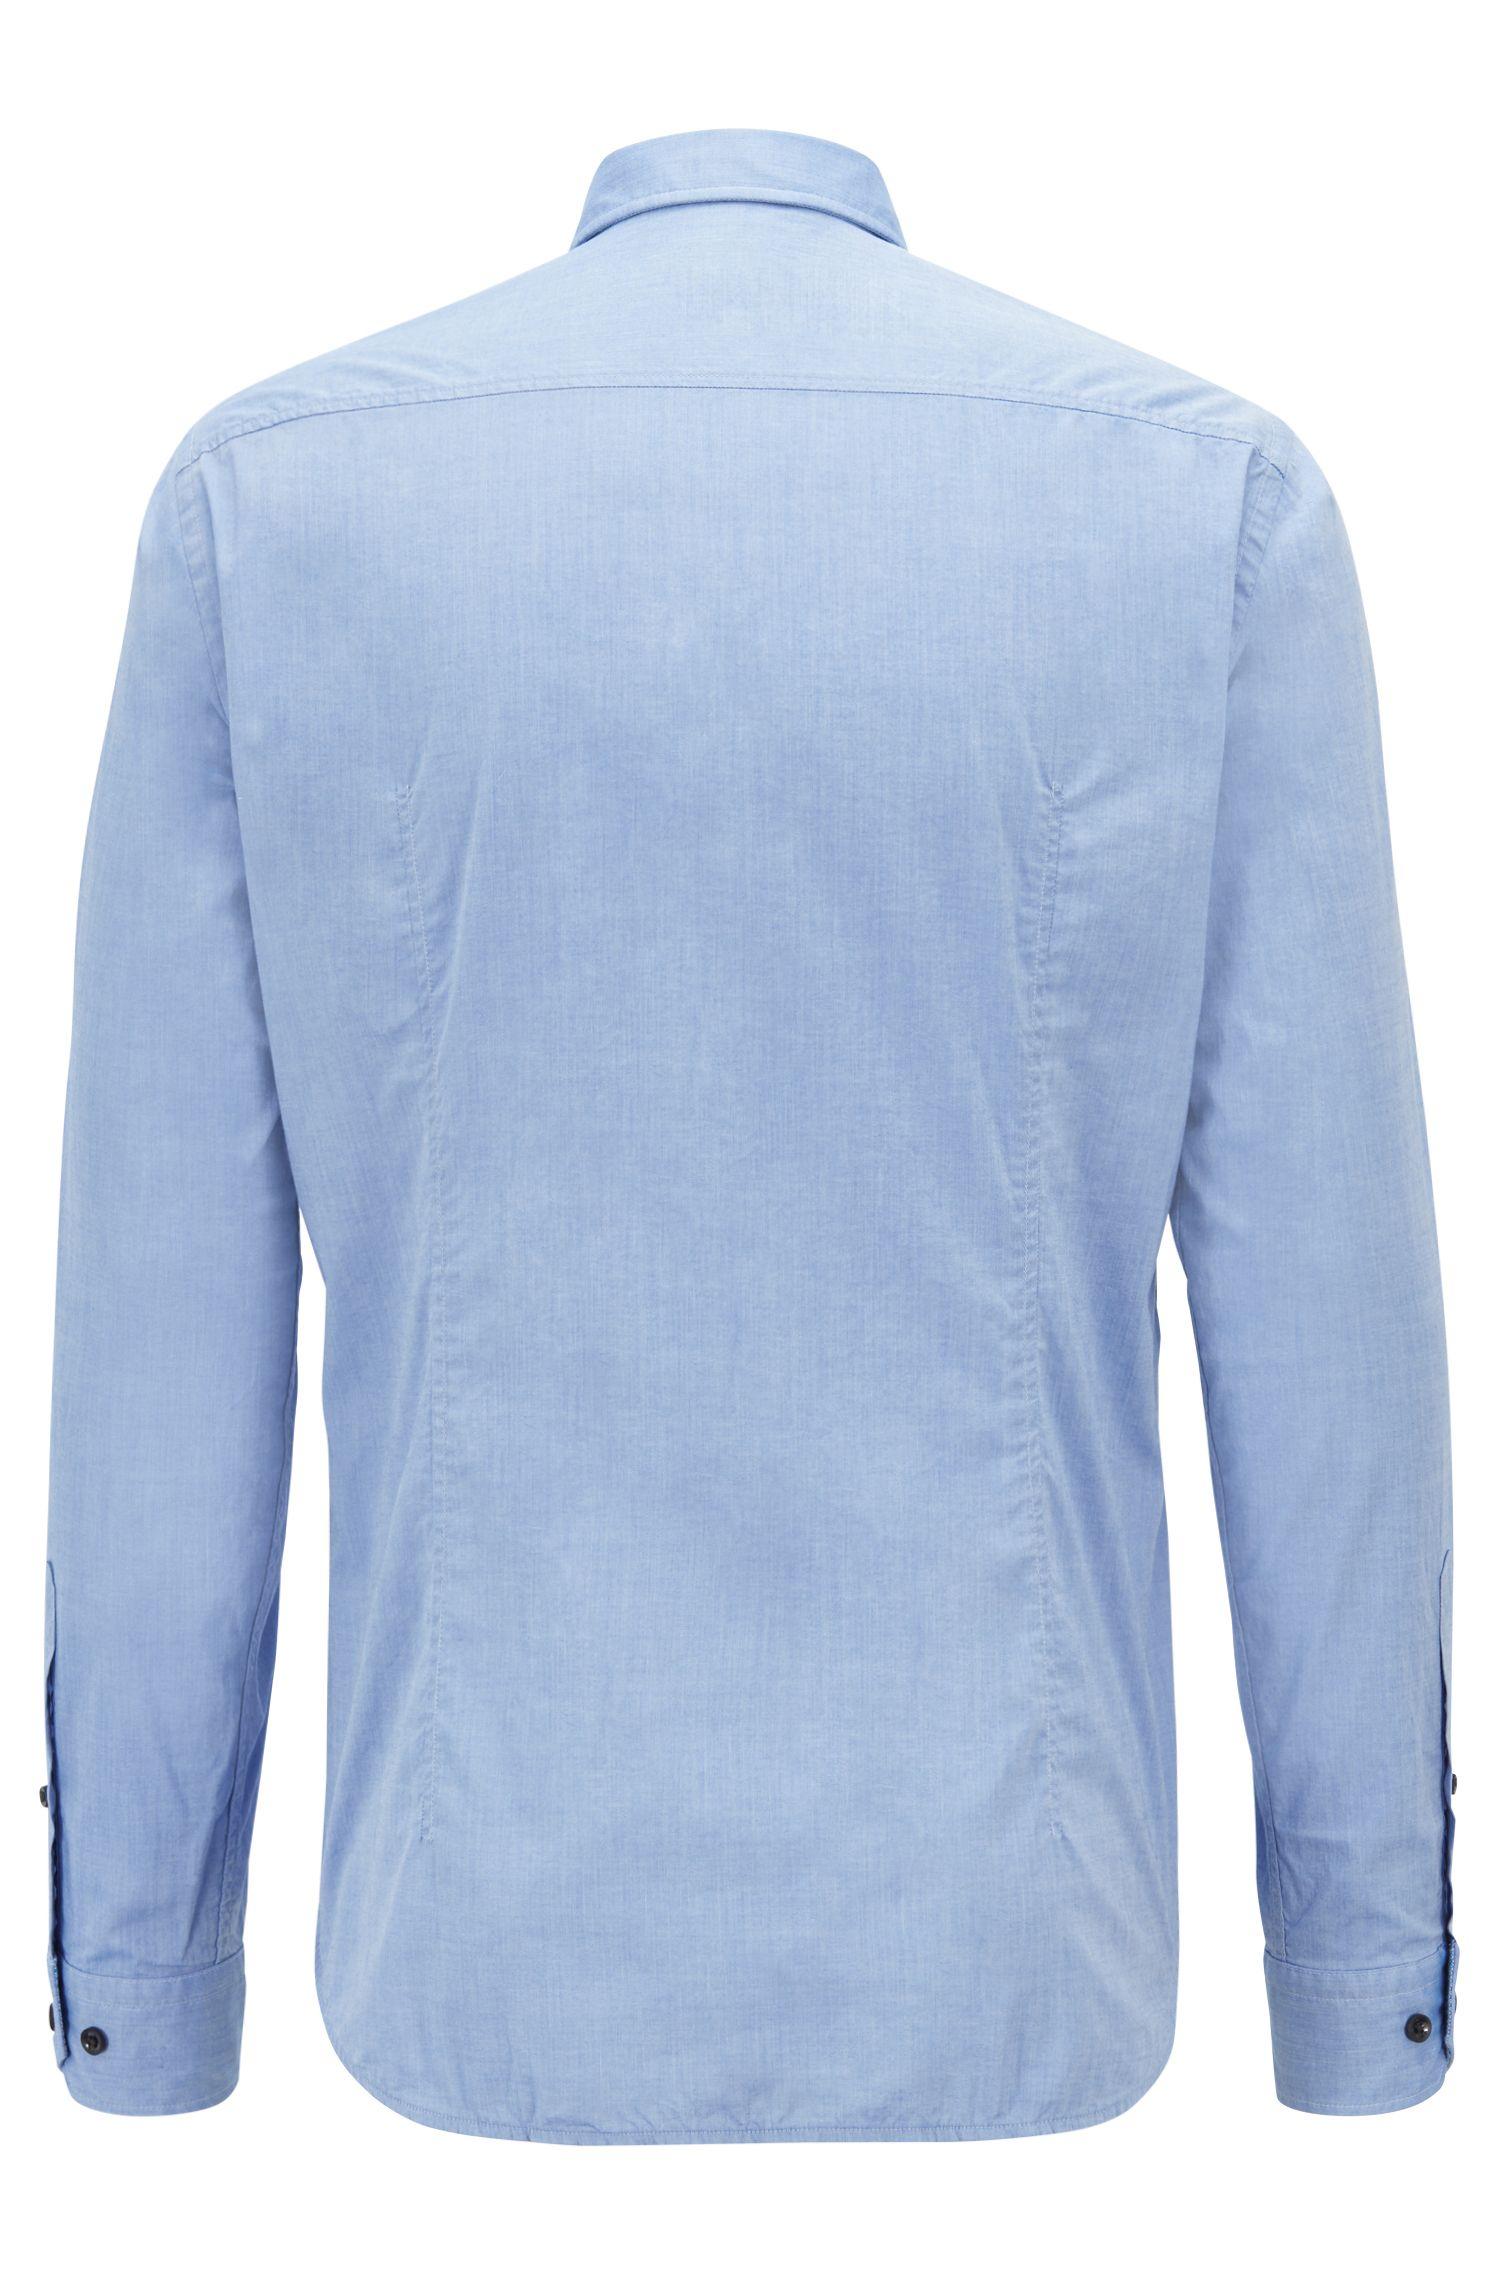 Regular-Fit Hemd aus feuchtigkeitsableitender Stretch-Baumwolle mit Button-Down-Kragen, Blau